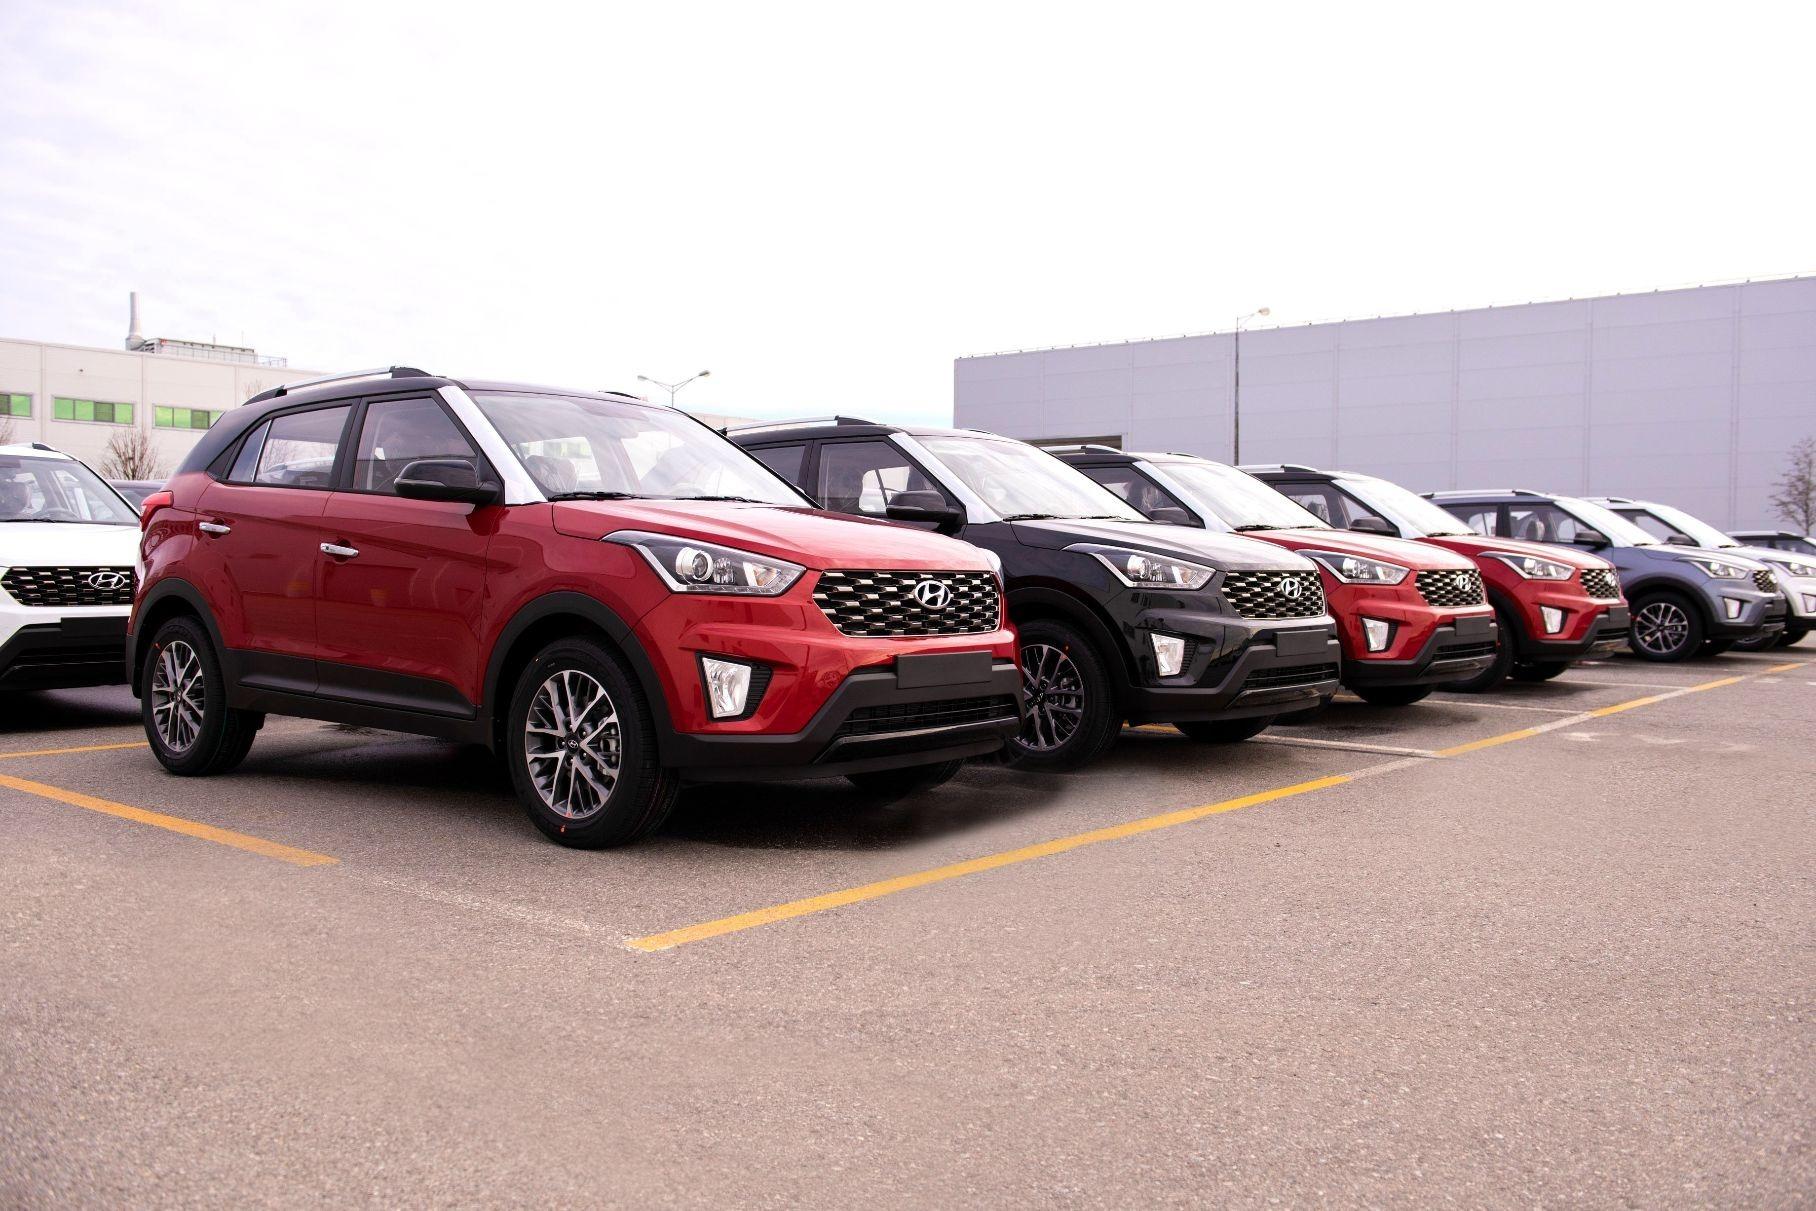 Персональные данные 1,3 млн российских клиентов Hyundai слили в Сеть Новости